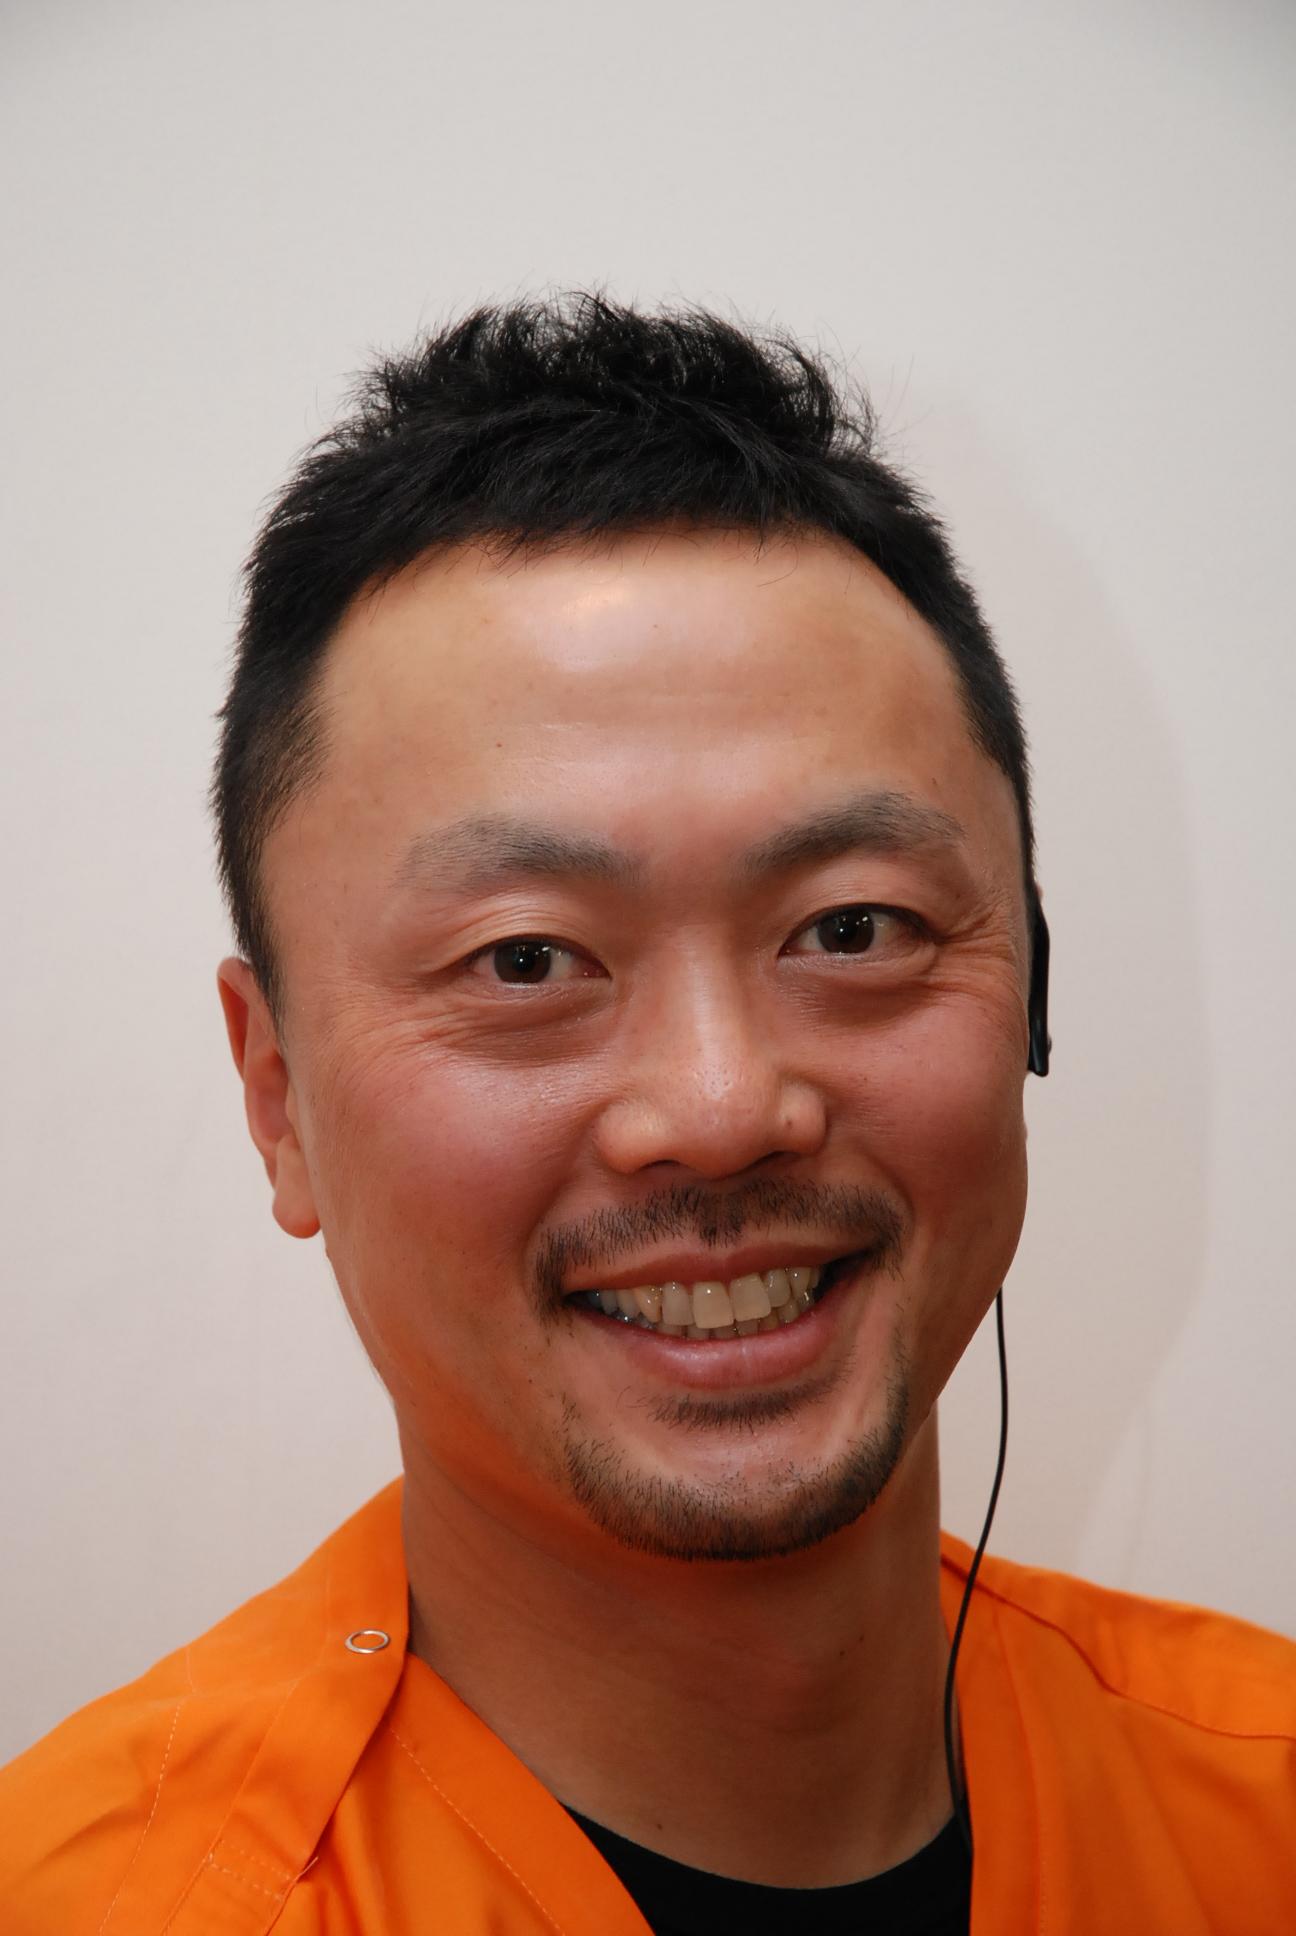 http://www.care-white.com/2012/10/25/DSC_9473.JPG